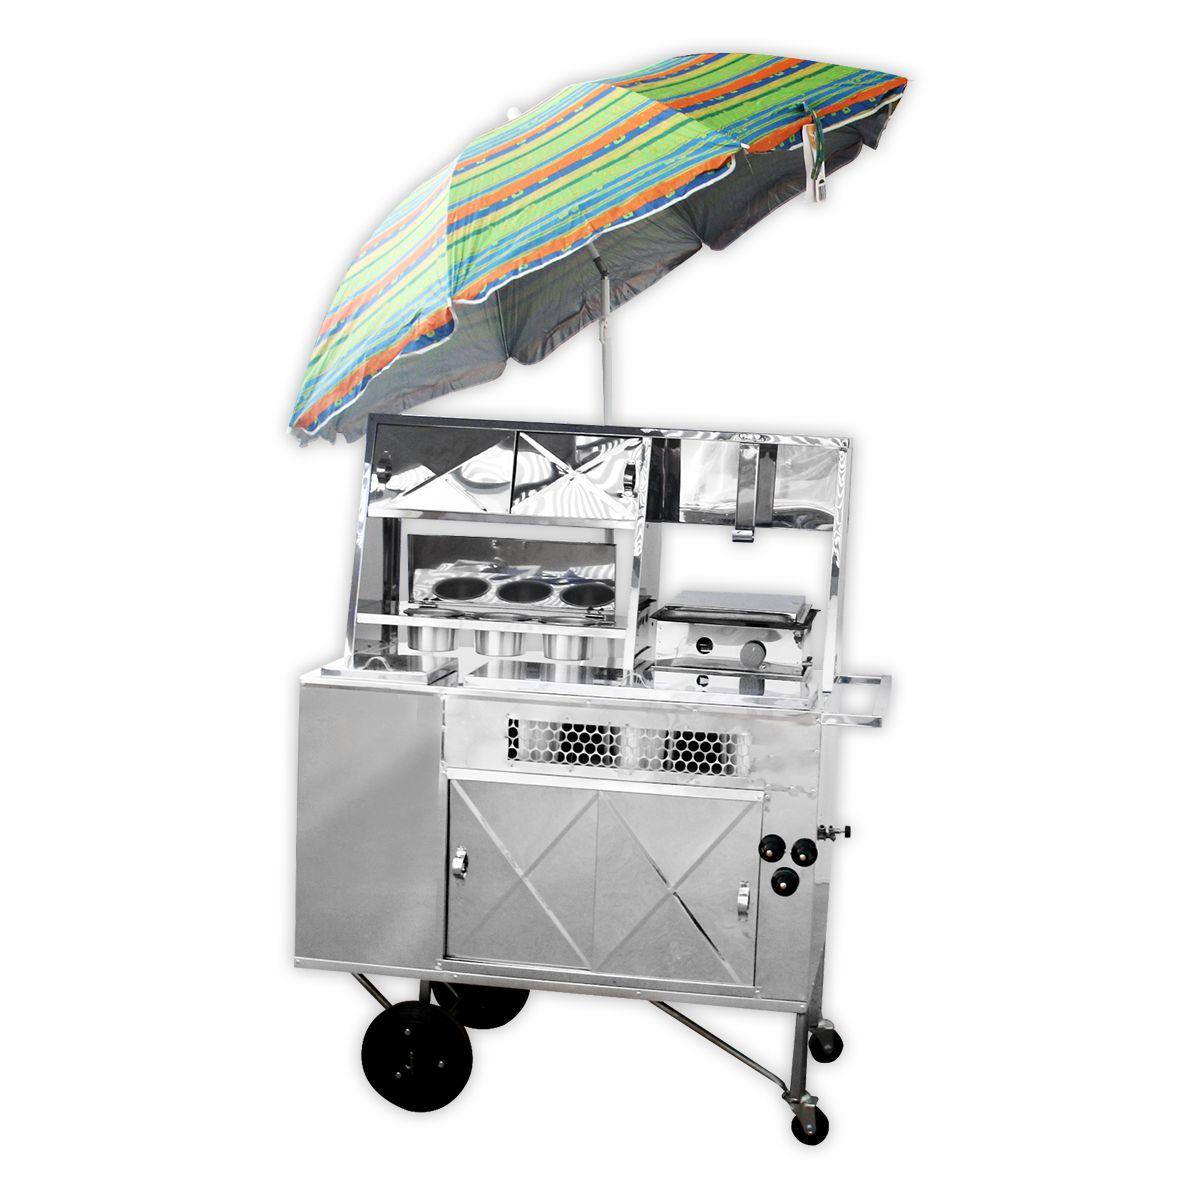 Carrinho Para Fazer Hot Dog C/ Chapa 11407 - R2